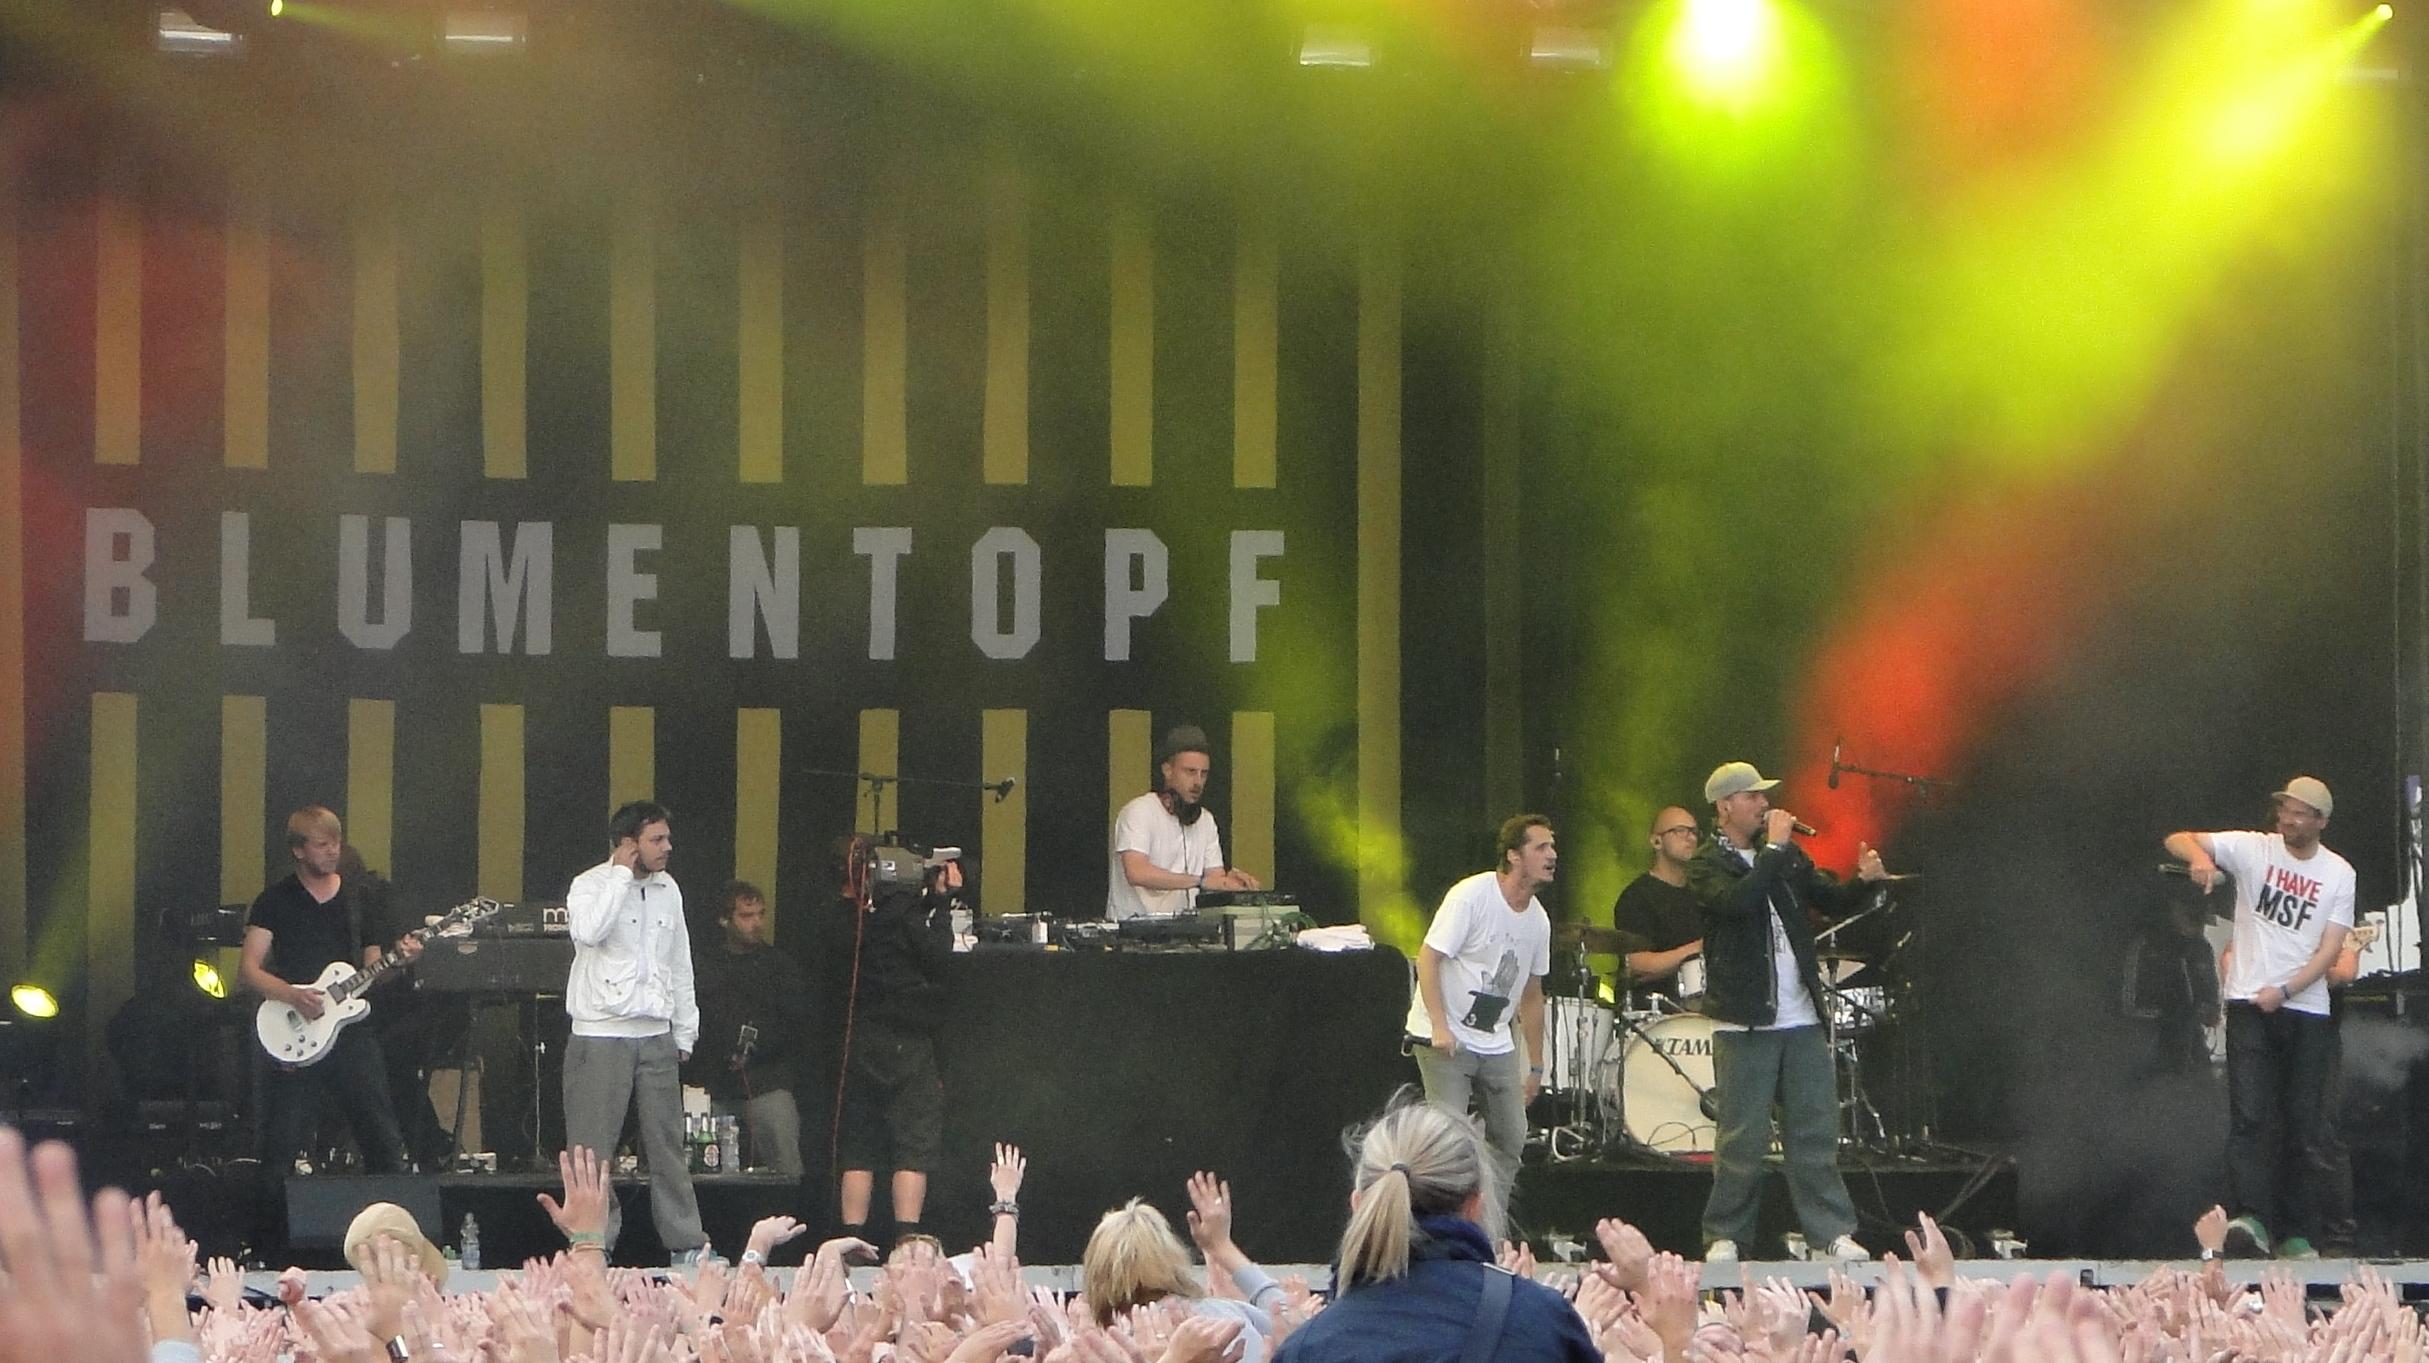 Blumentopf (Band) – Wikipedia